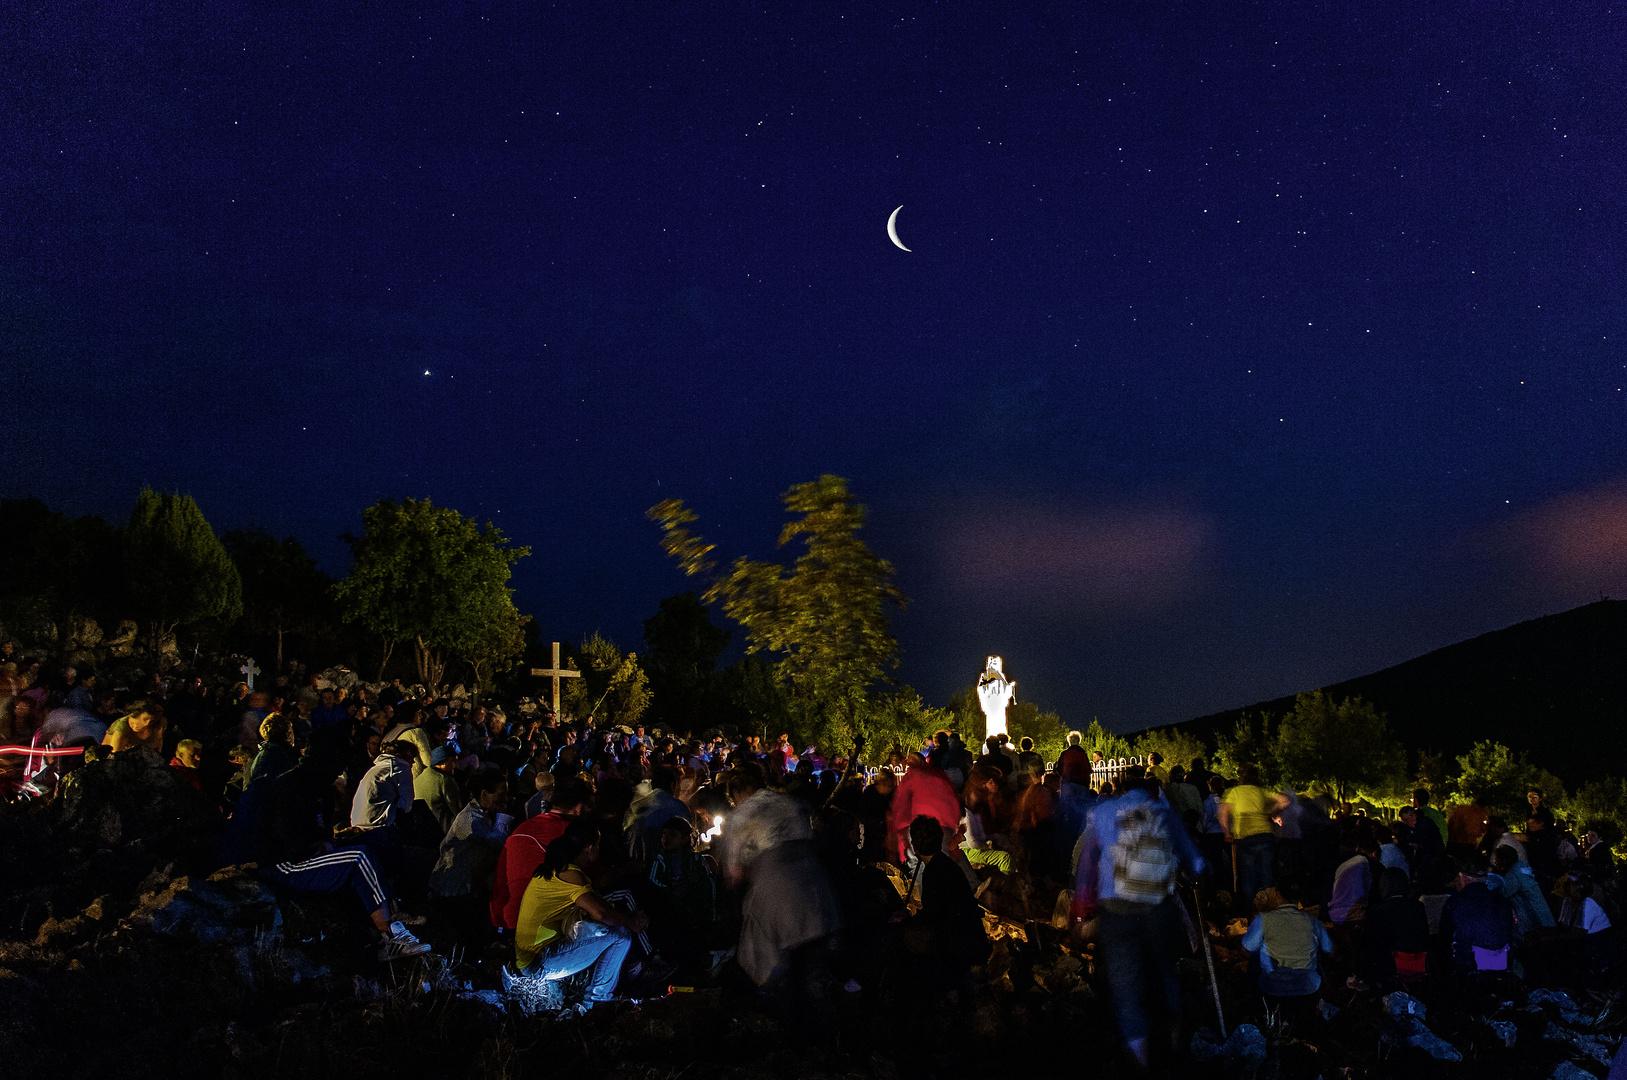 Das war toll - Rosenkranzgebet um Mitternacht in einer sternenklaren Nacht